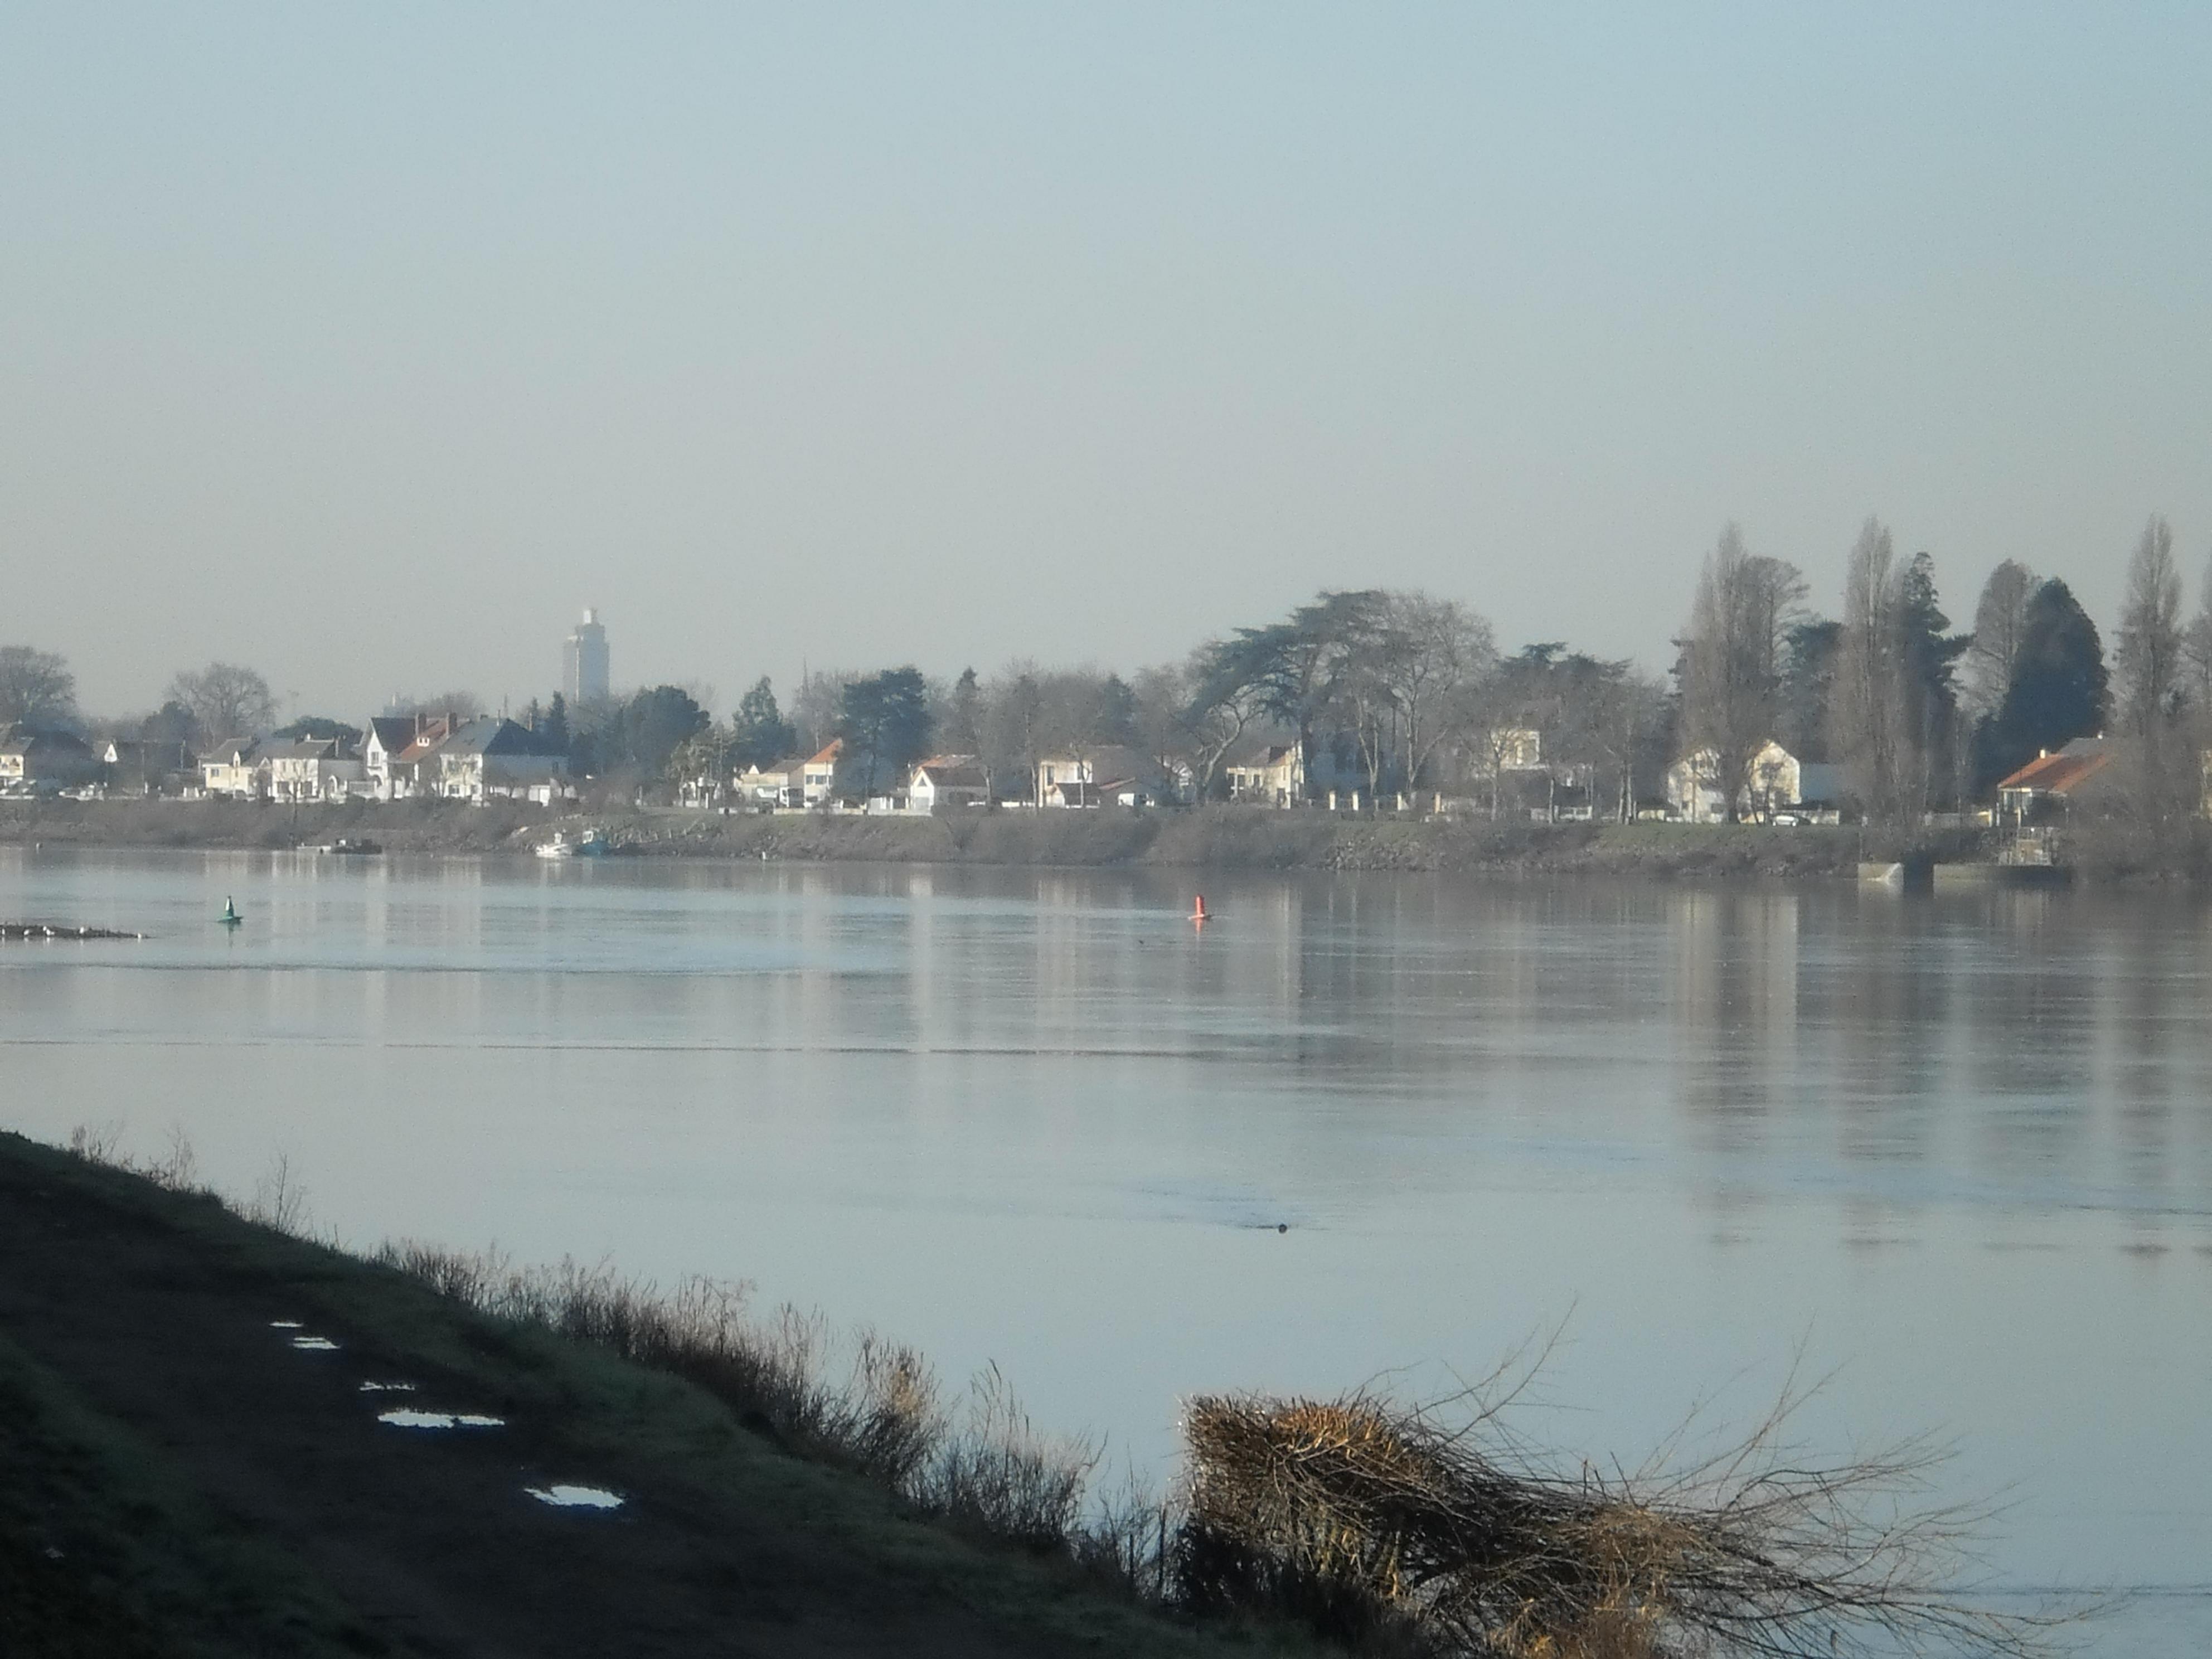 File:Village de Bellevue - Sainte-Luce-sur-Loire.jpg - Wikimediabellevue village